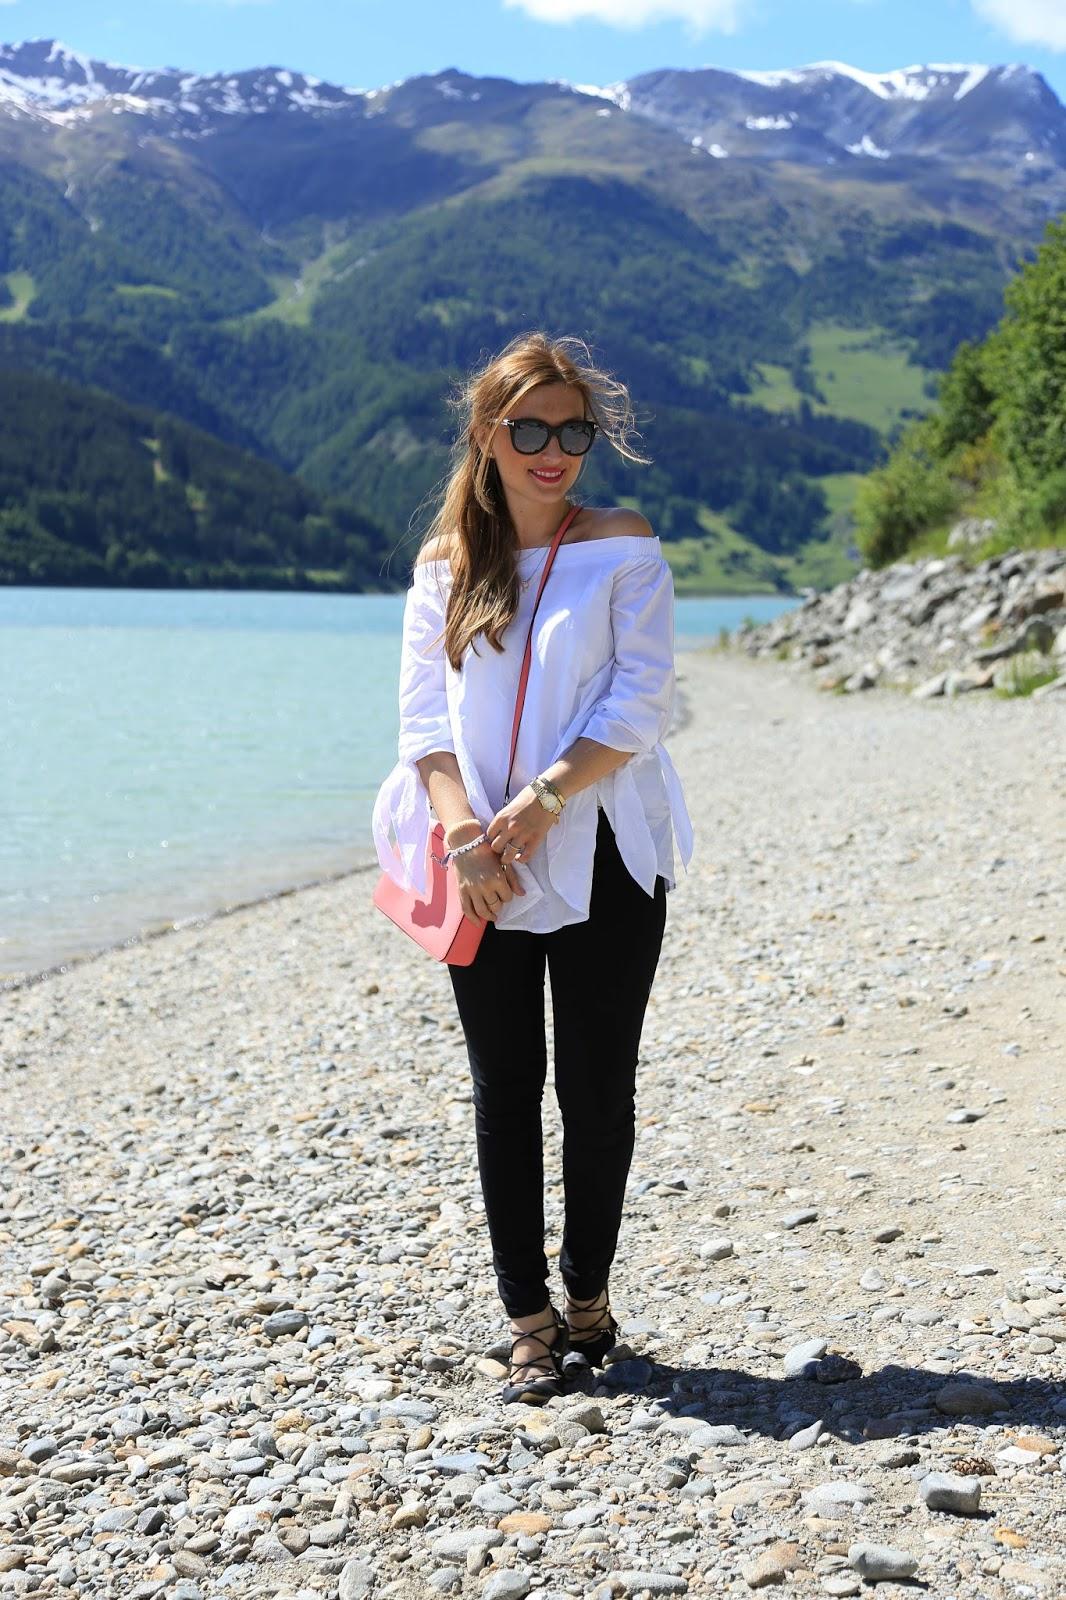 Fashionblogger in den Bergen- Blogger aus Österreich - Münchner Blogger - Fashionstylebyjohanna